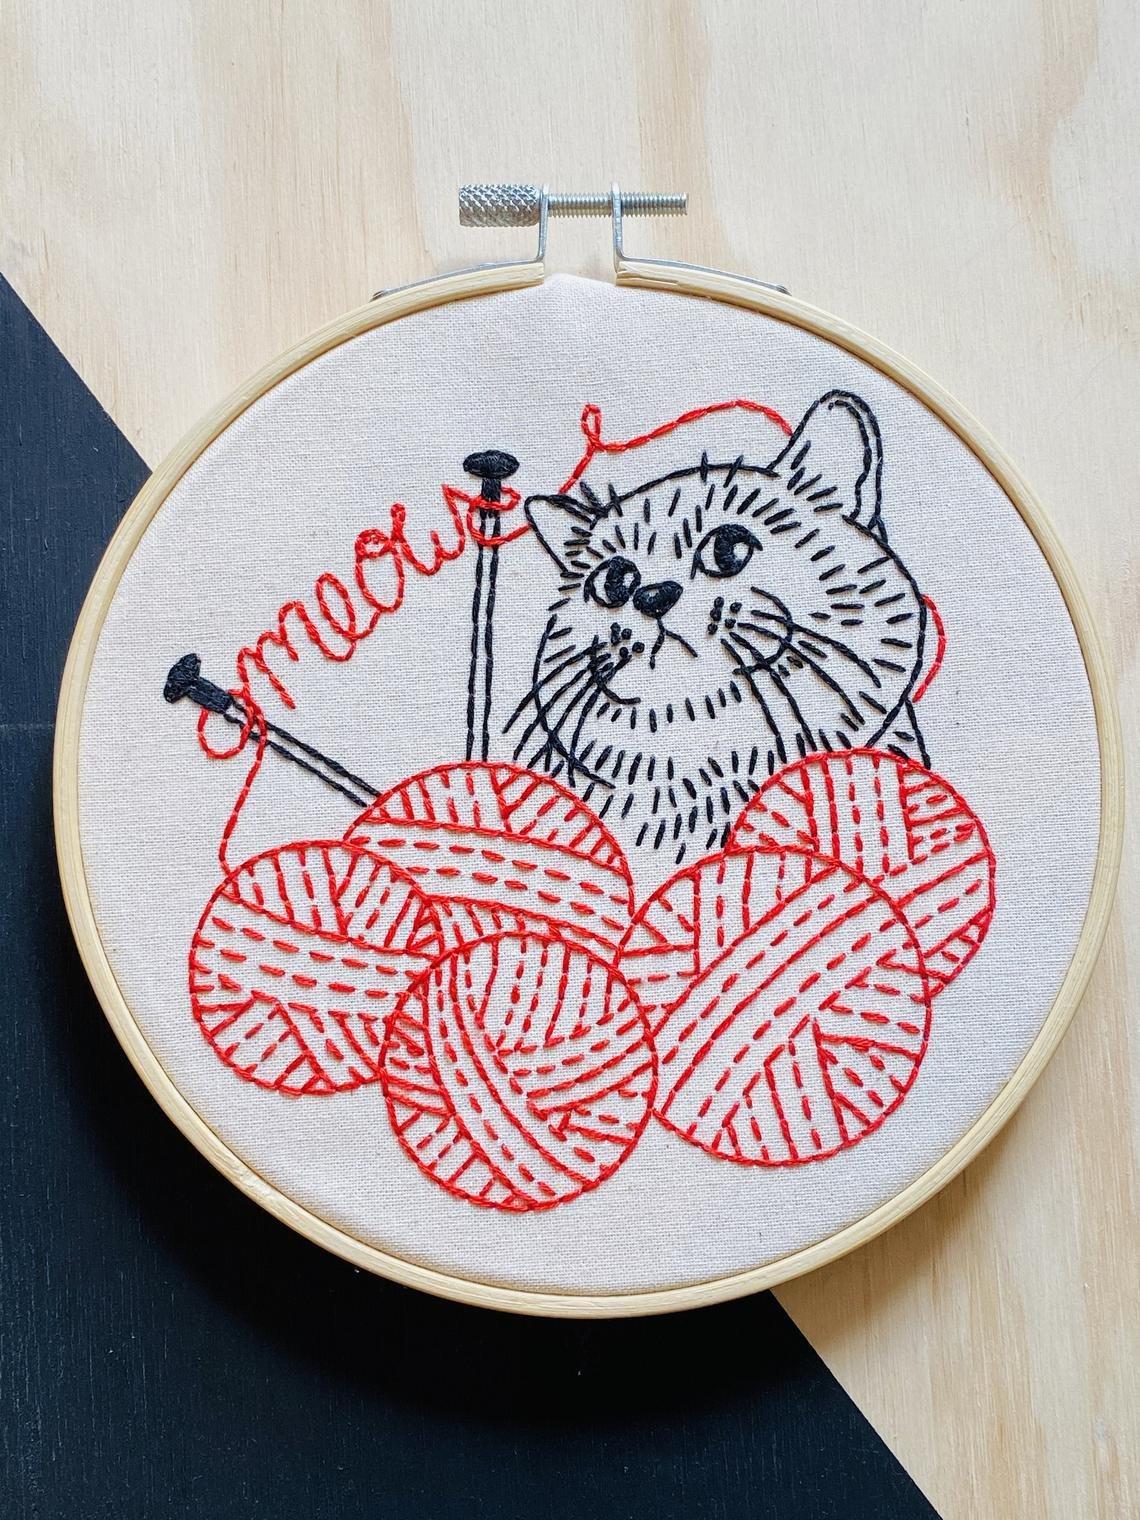 Knittin' Kitten - Complete Embroidery Kit